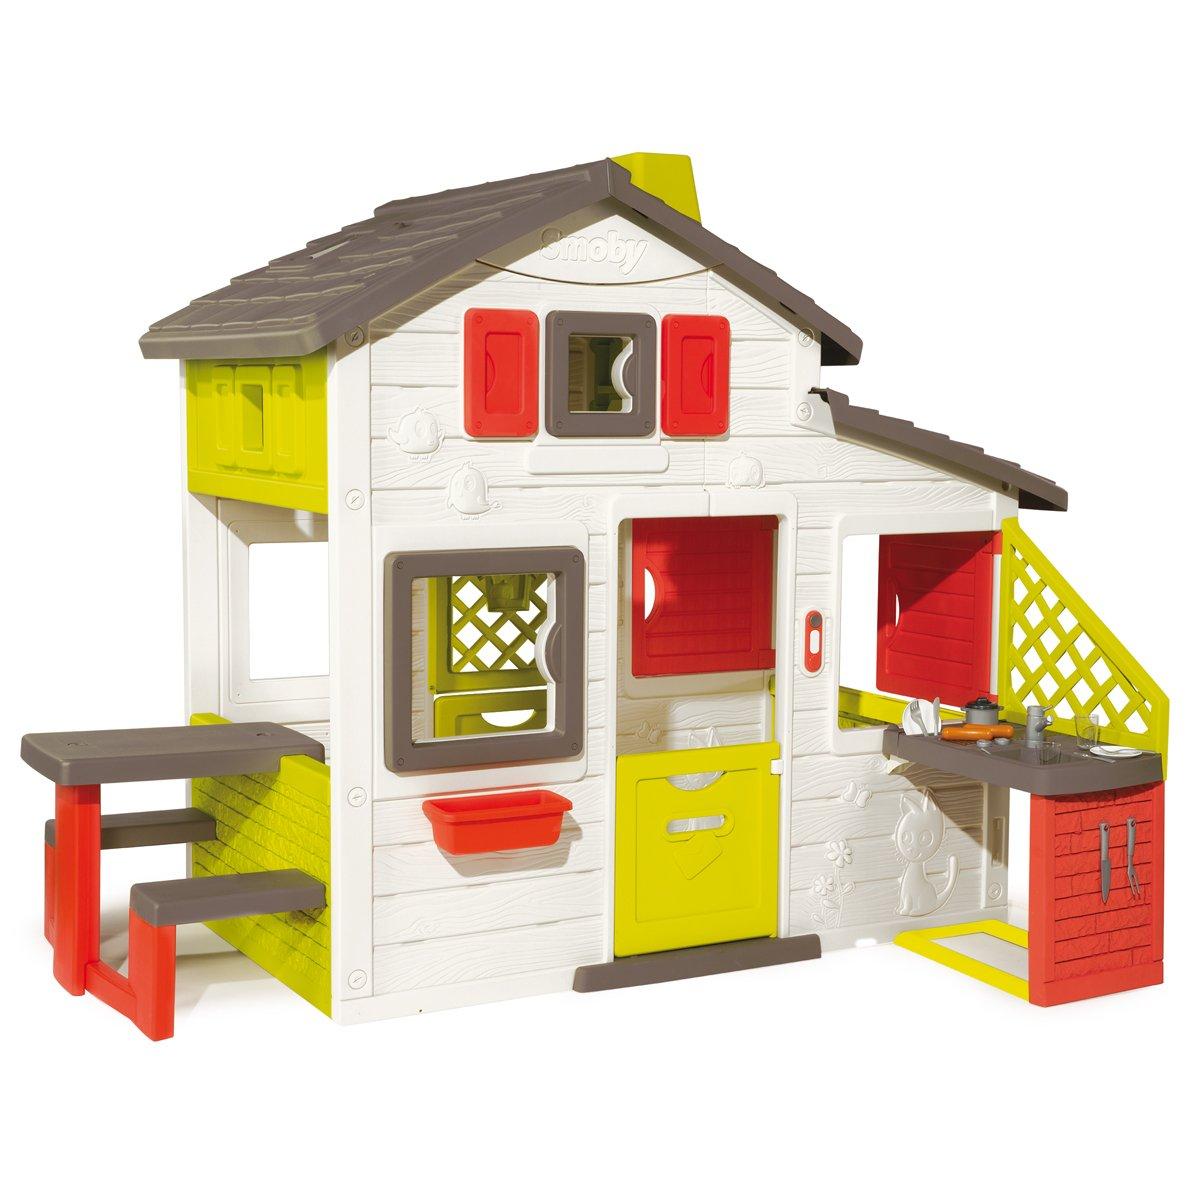 Charles Bentley Smoby niños los niños jardín Aire Libre Grande casa Juego Mesa Picnic Juego Set: Amazon.es: Juguetes y juegos